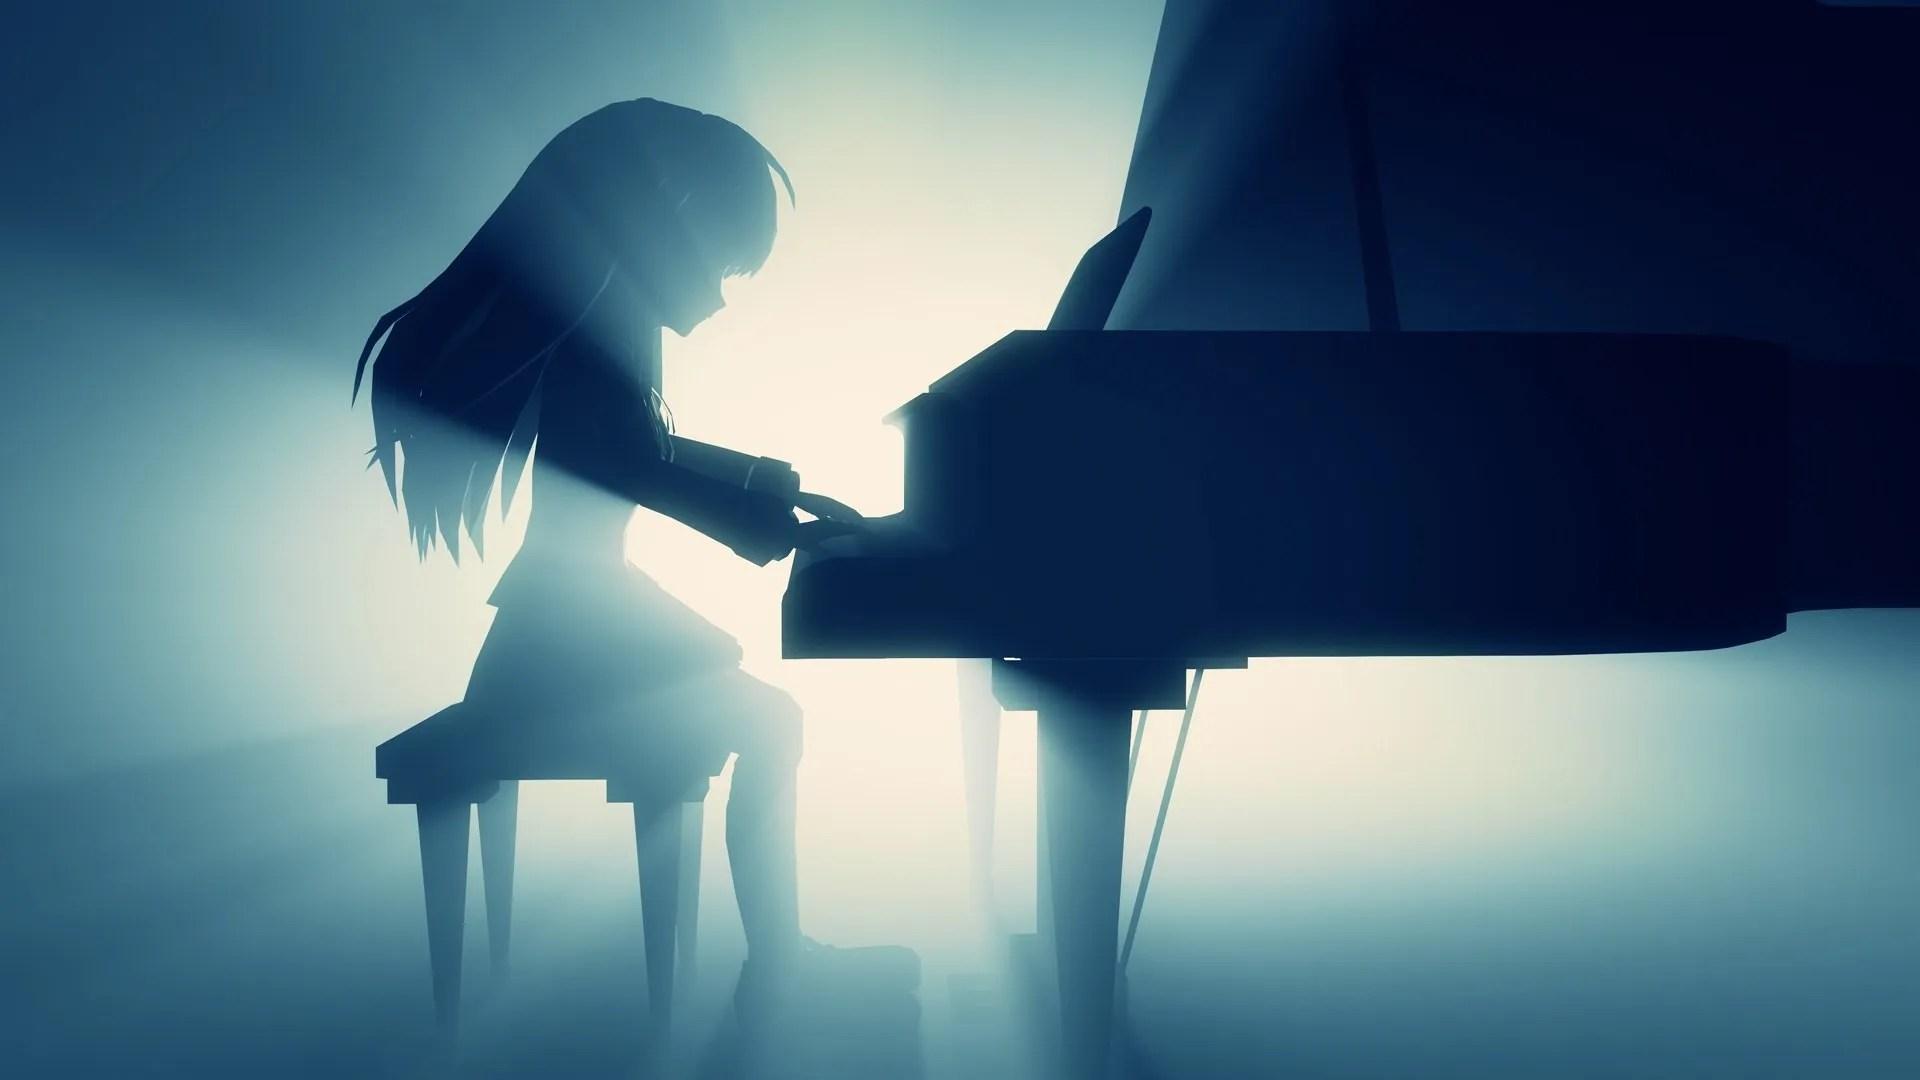 Anime girl playing piano